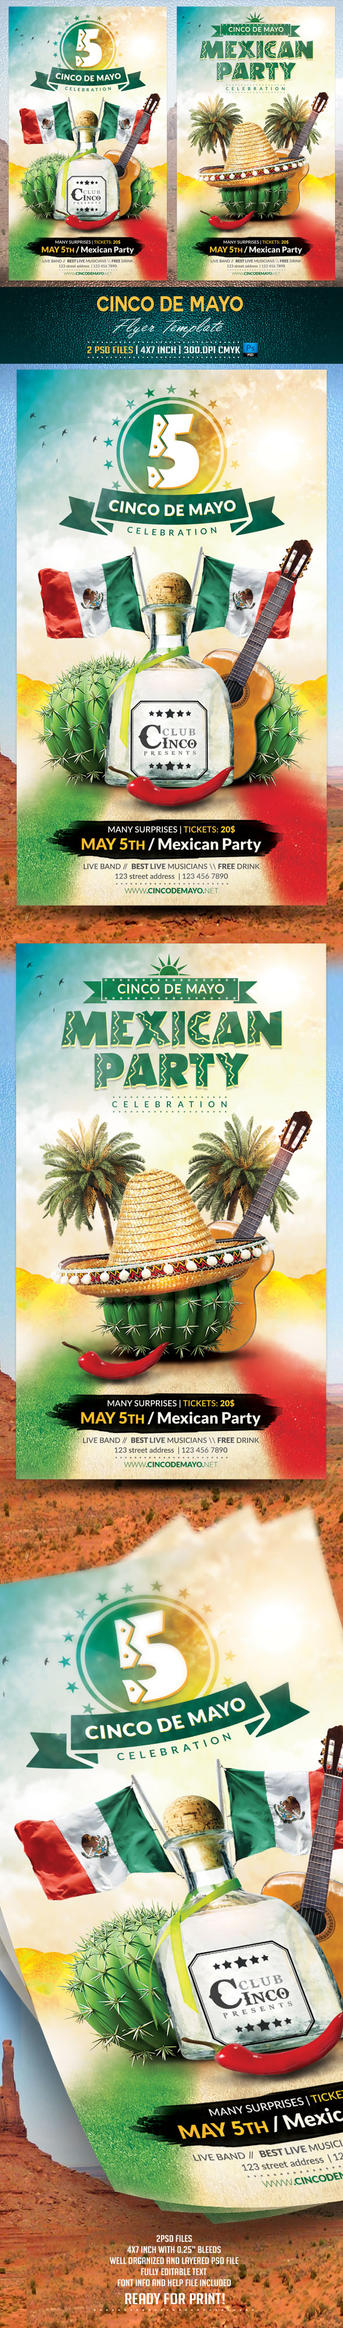 Cinco de Mayo Flyer Template by BriellDesign